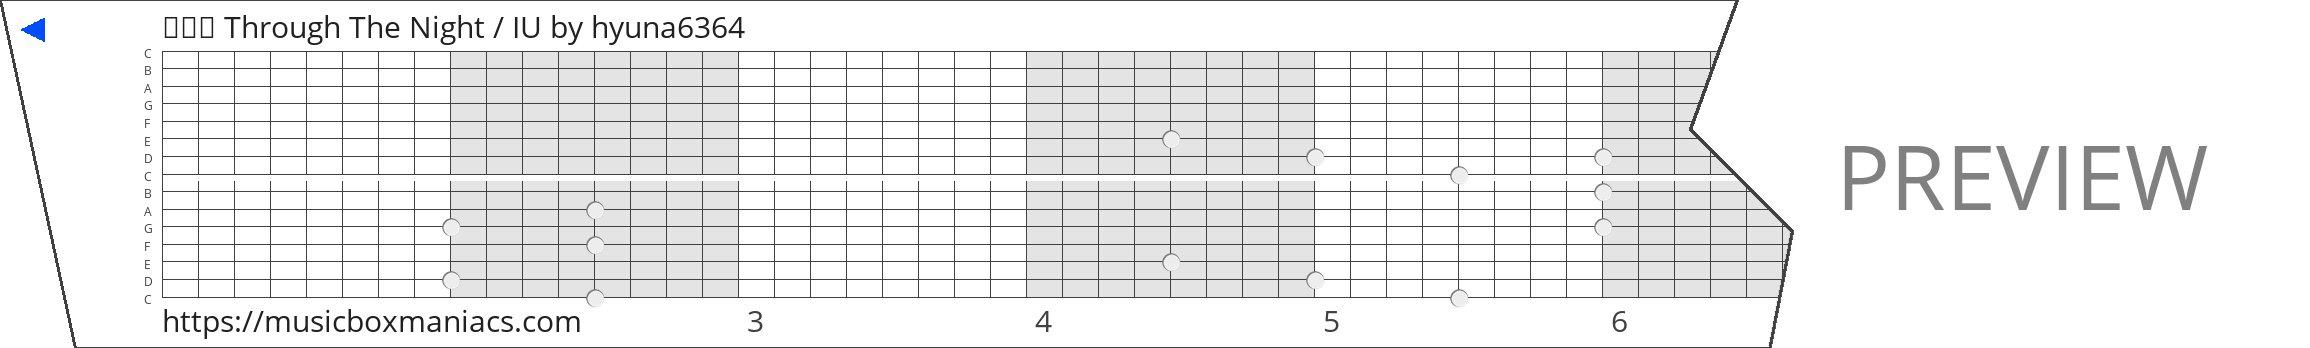 밤편지 Through The Night / IU 15 note music box paper strip